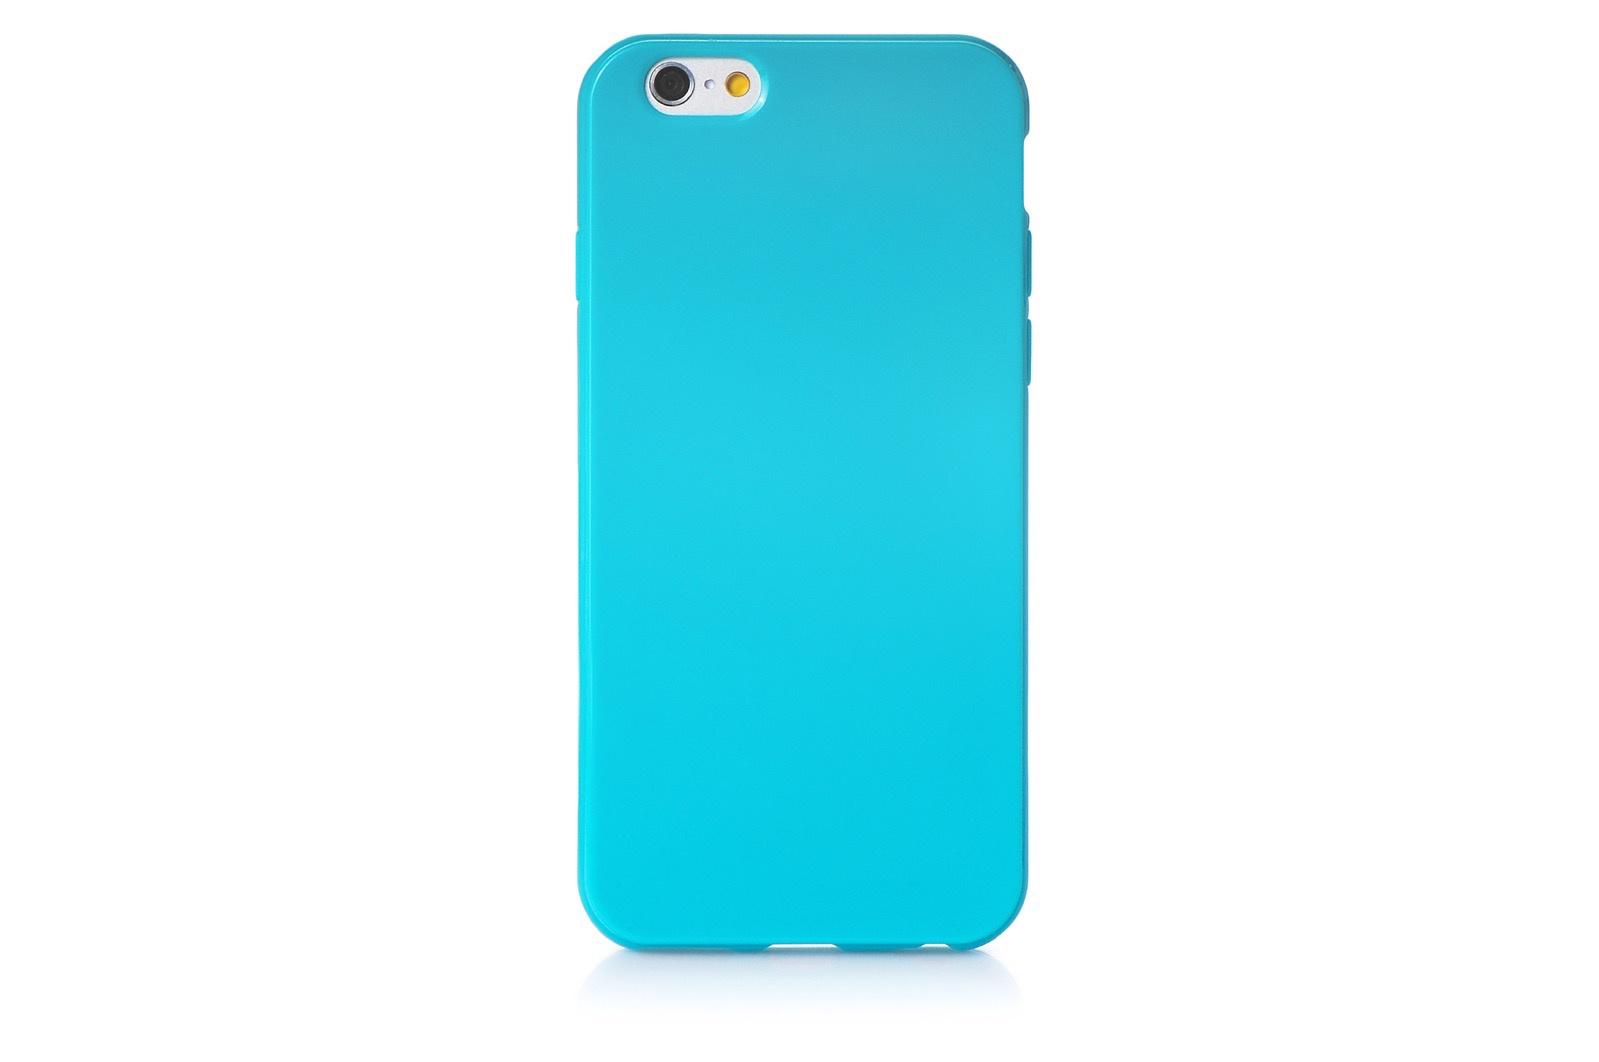 """Чехол для сотового телефона iNeez накладка силикон мыльница 620214 для Apple Iphone 6 Plus/6S Plus 5.5"""", бирюзовый"""